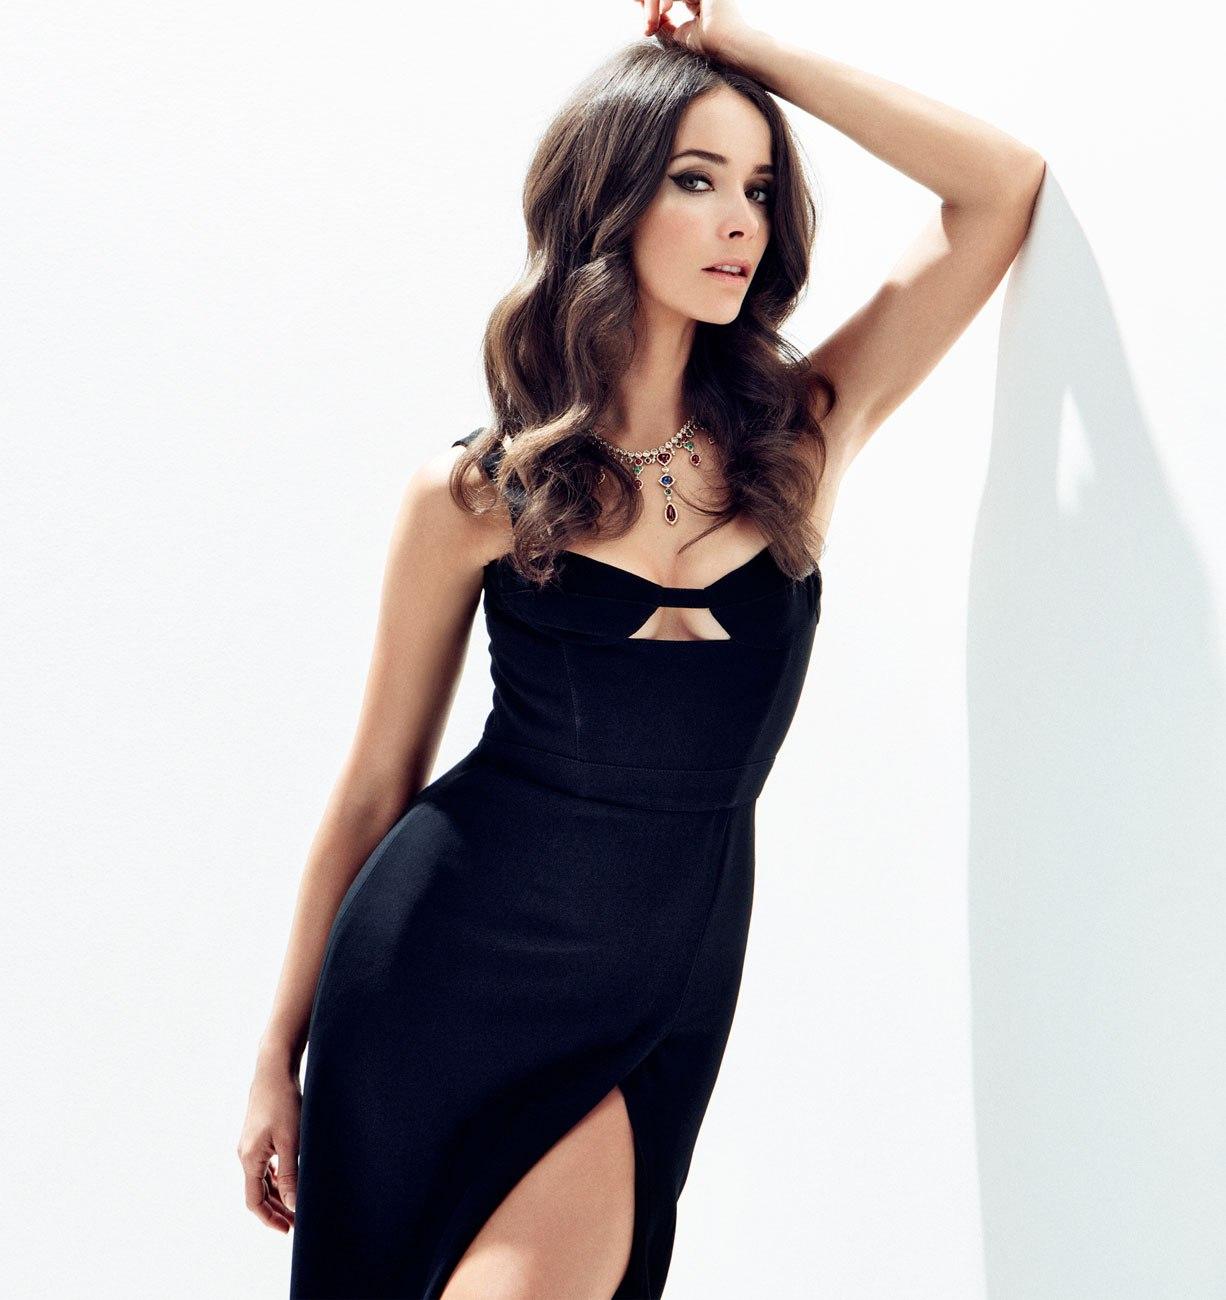 Abigail Spencer en robe fendue très décolletée